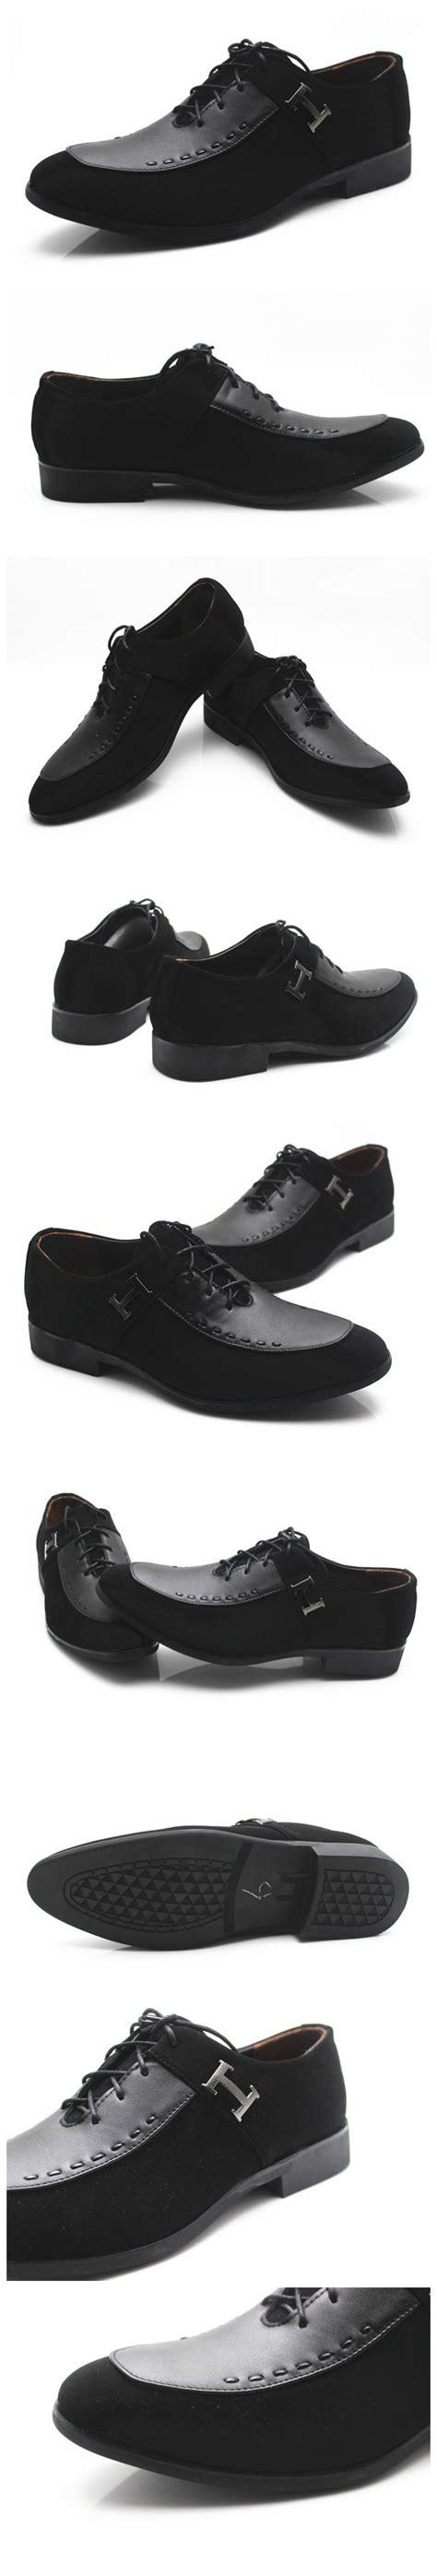 Sepatu Merk Hermes sepatu kerja pria hermes sp052 pfp store